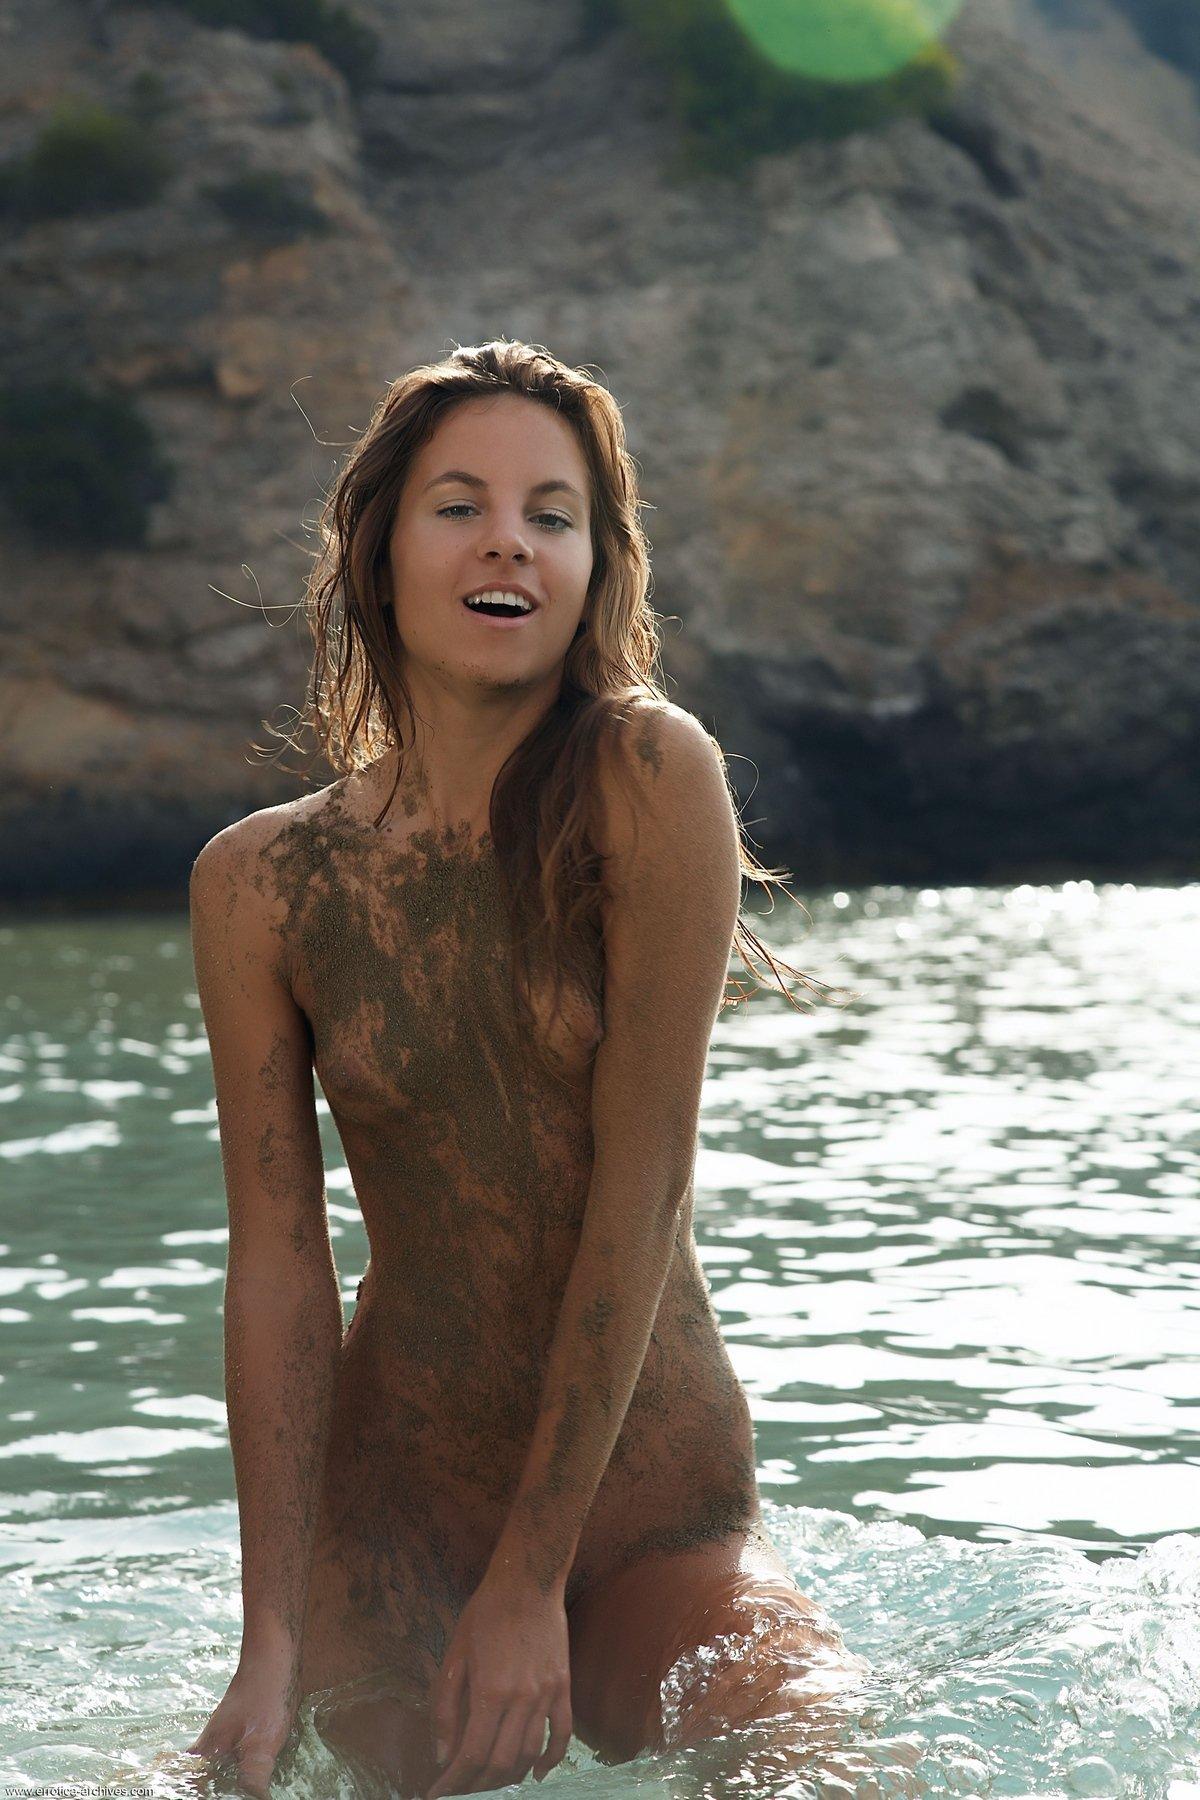 Модель с маленькой грудью в мокром песке обнаженная в воде